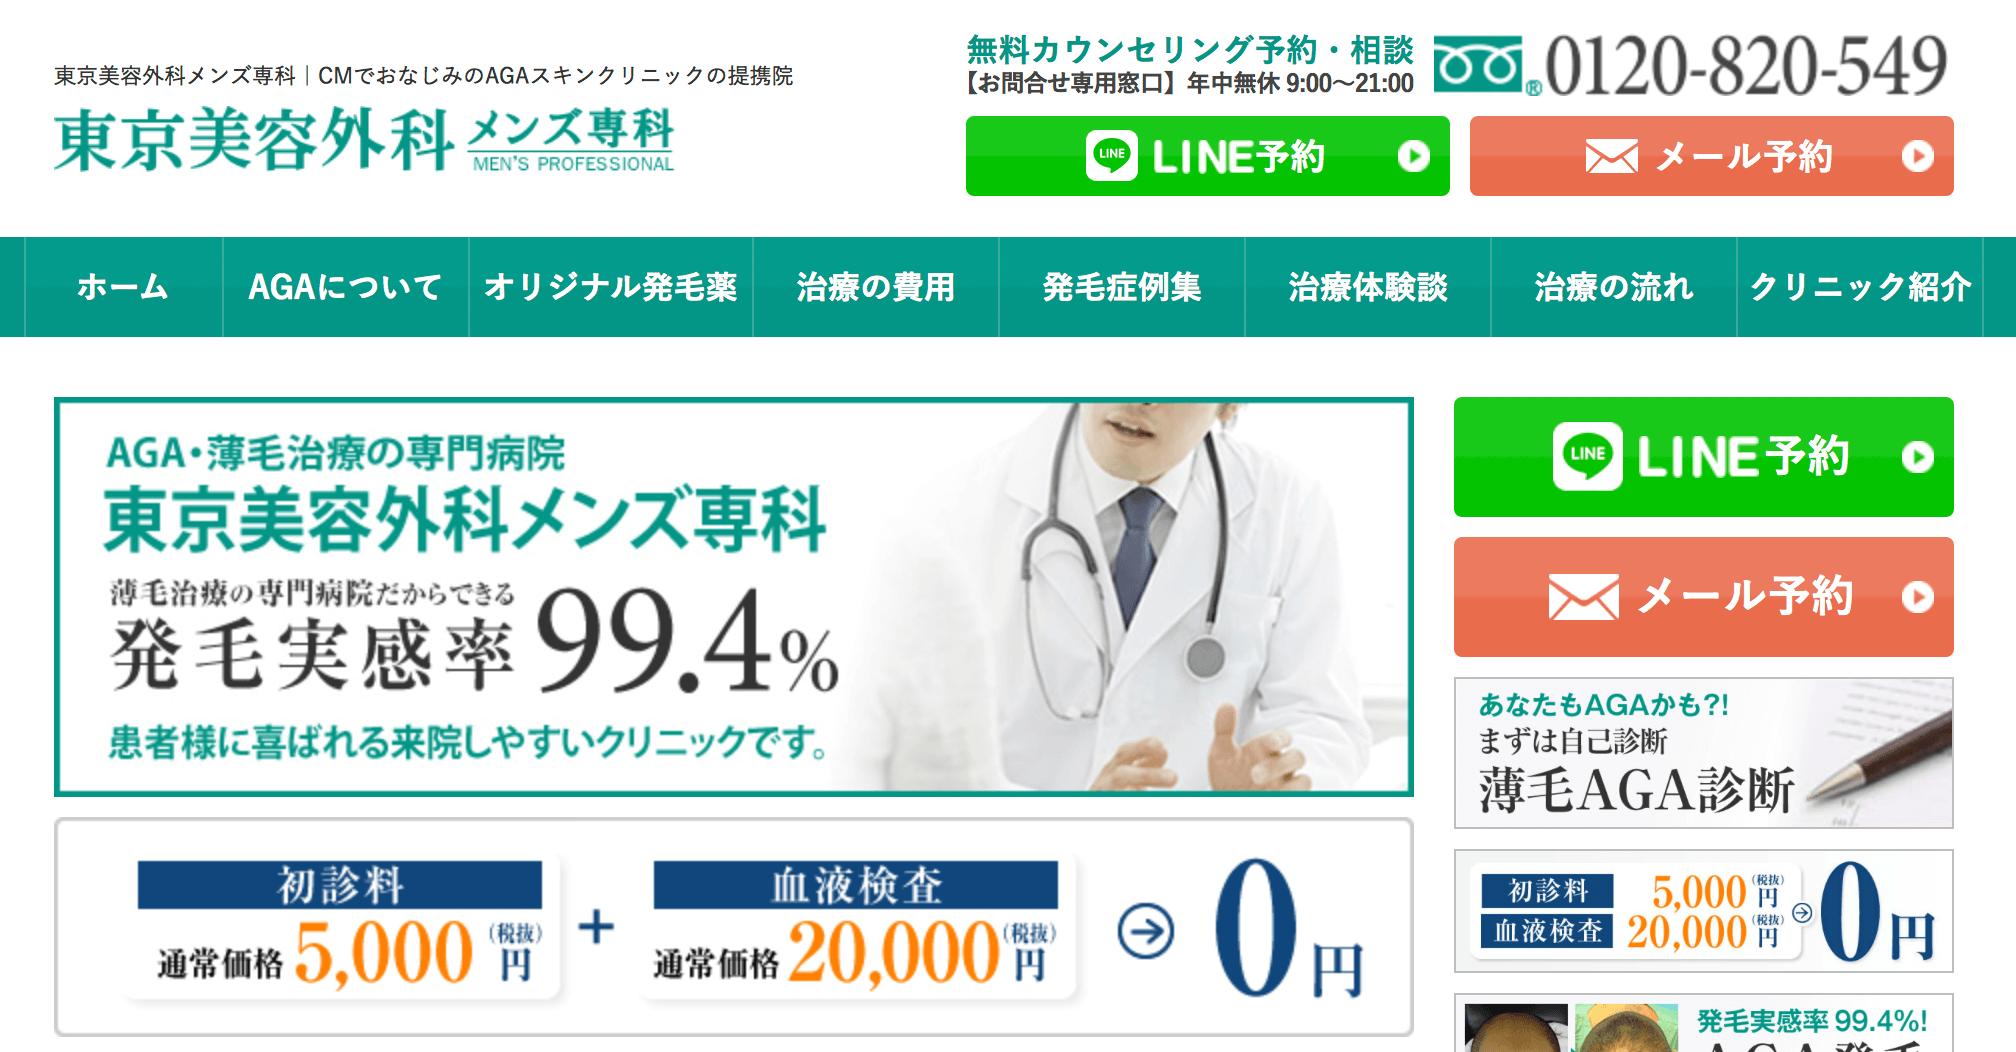 東京美容外科メンズ専科の公式ページ